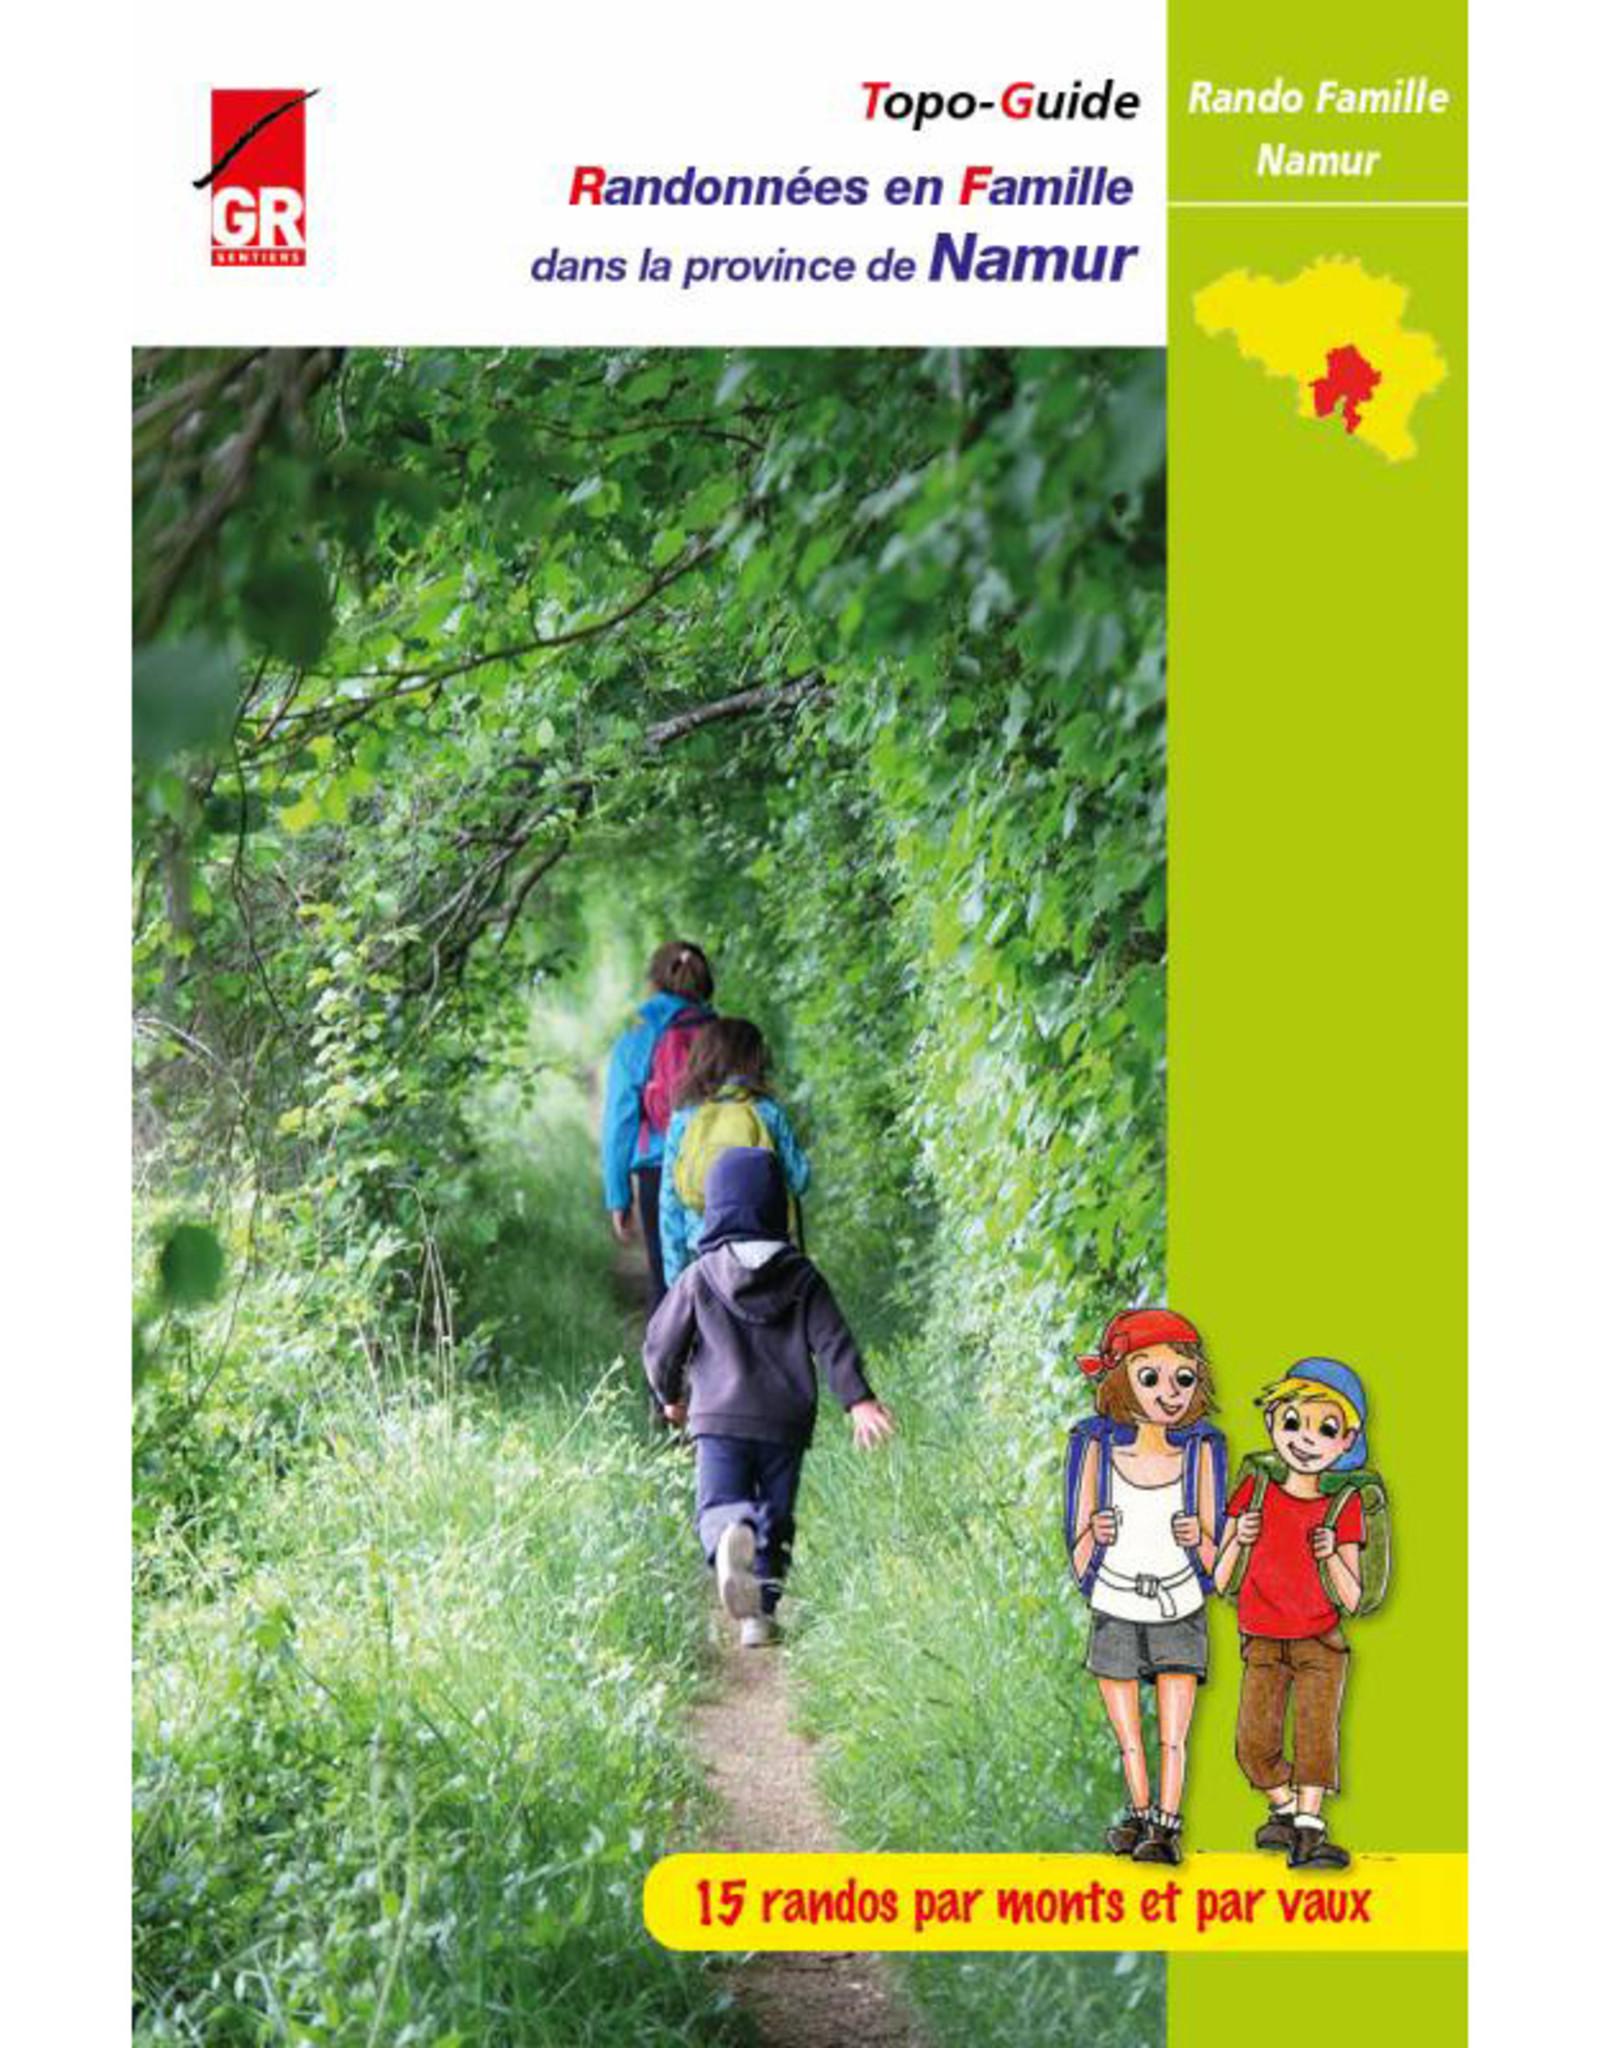 GR sentiers L-Randonnées famille Province de Namur